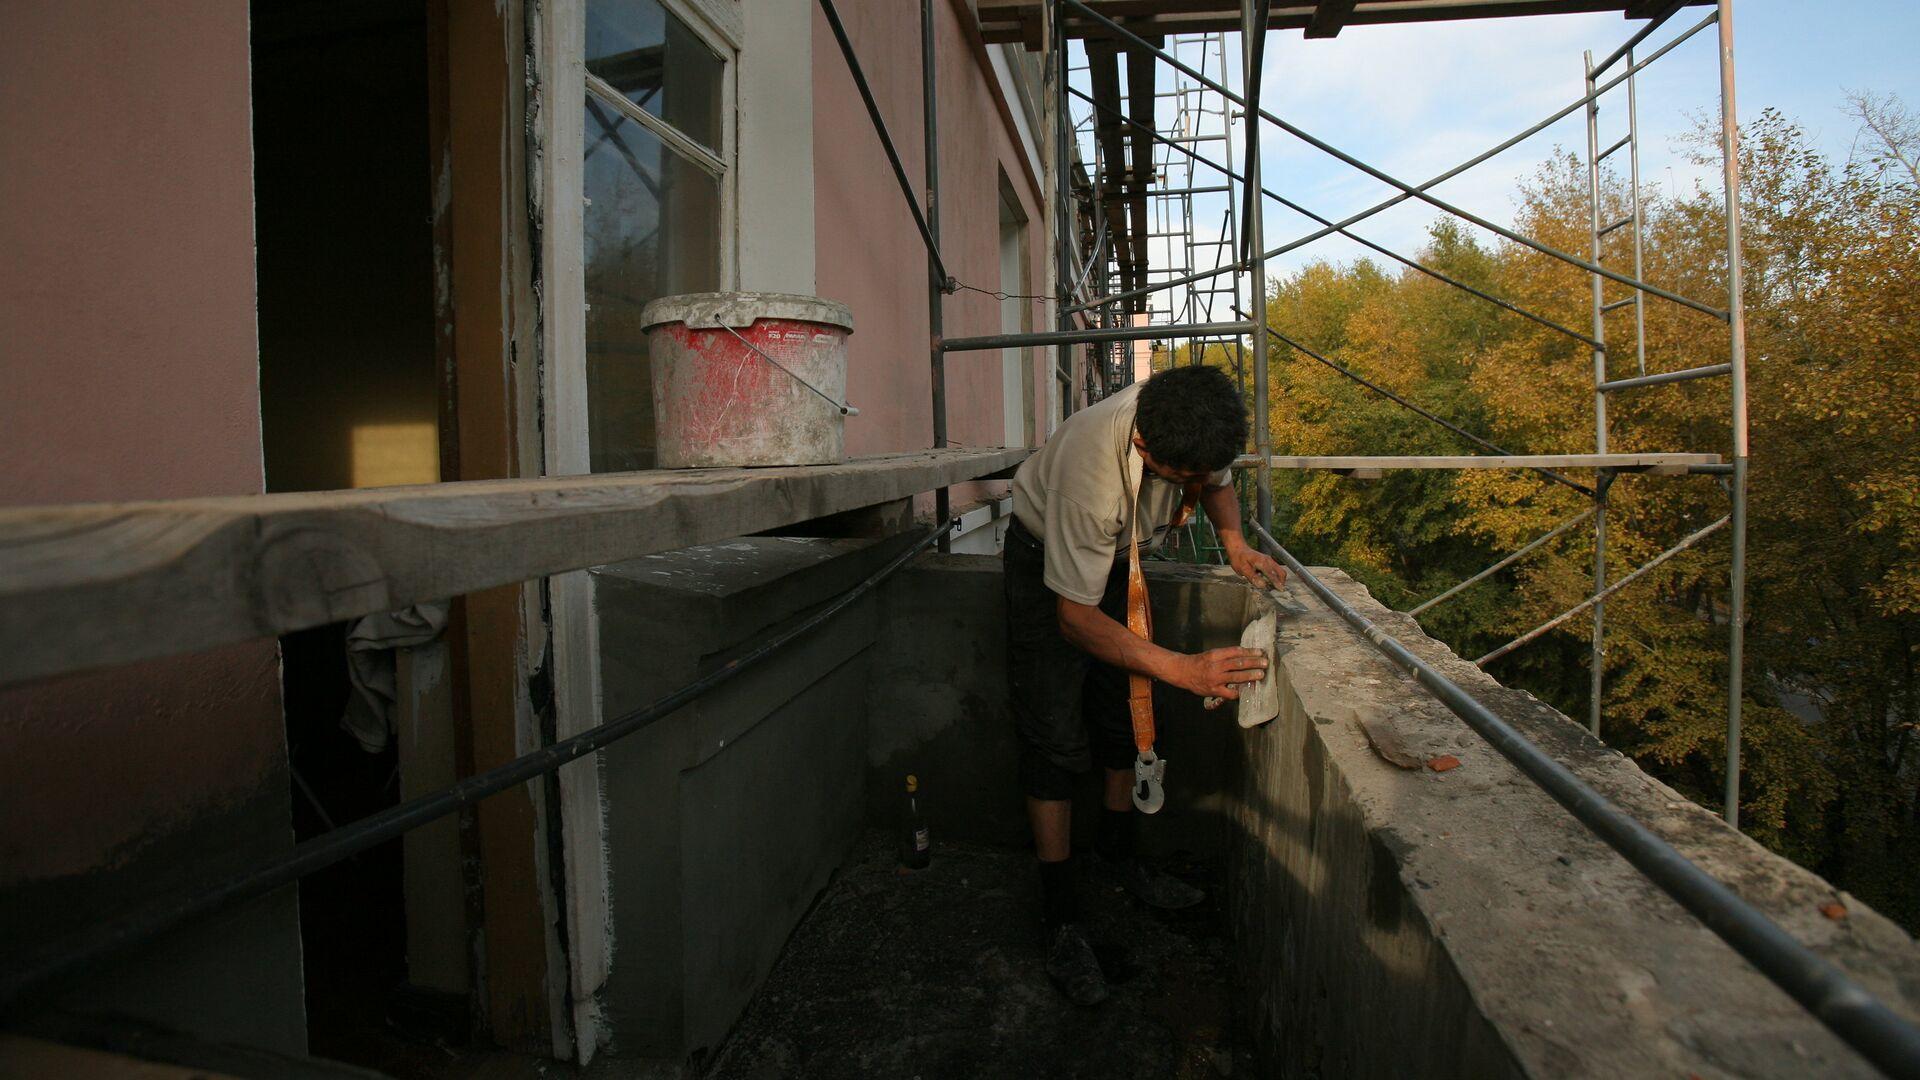 Капитальный ремонт домов - РИА Новости, 1920, 22.09.2020